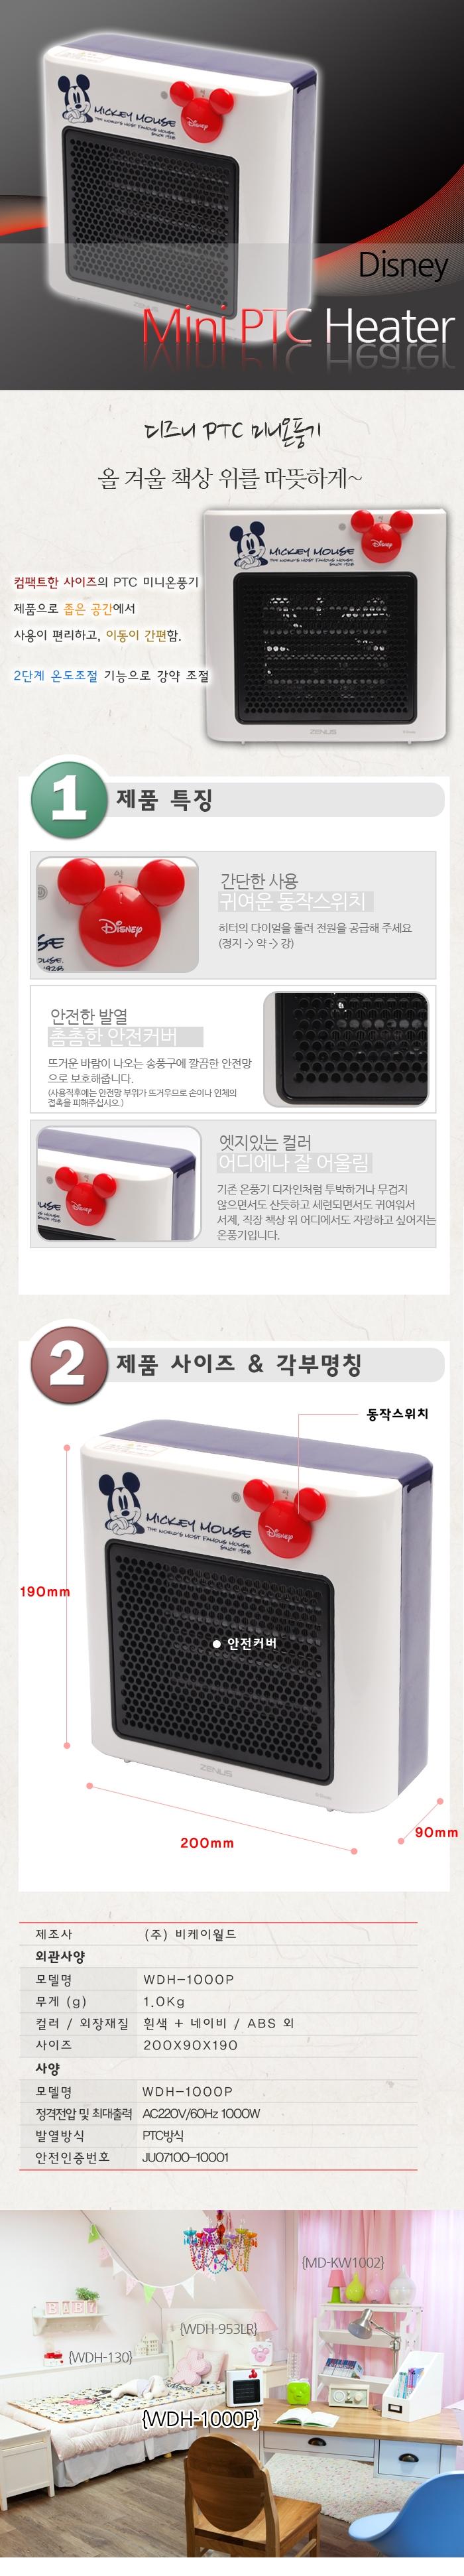 미니 PTC 온풍기 WDH-1000P - 비케이월드, 39,000원, 히터, 히터